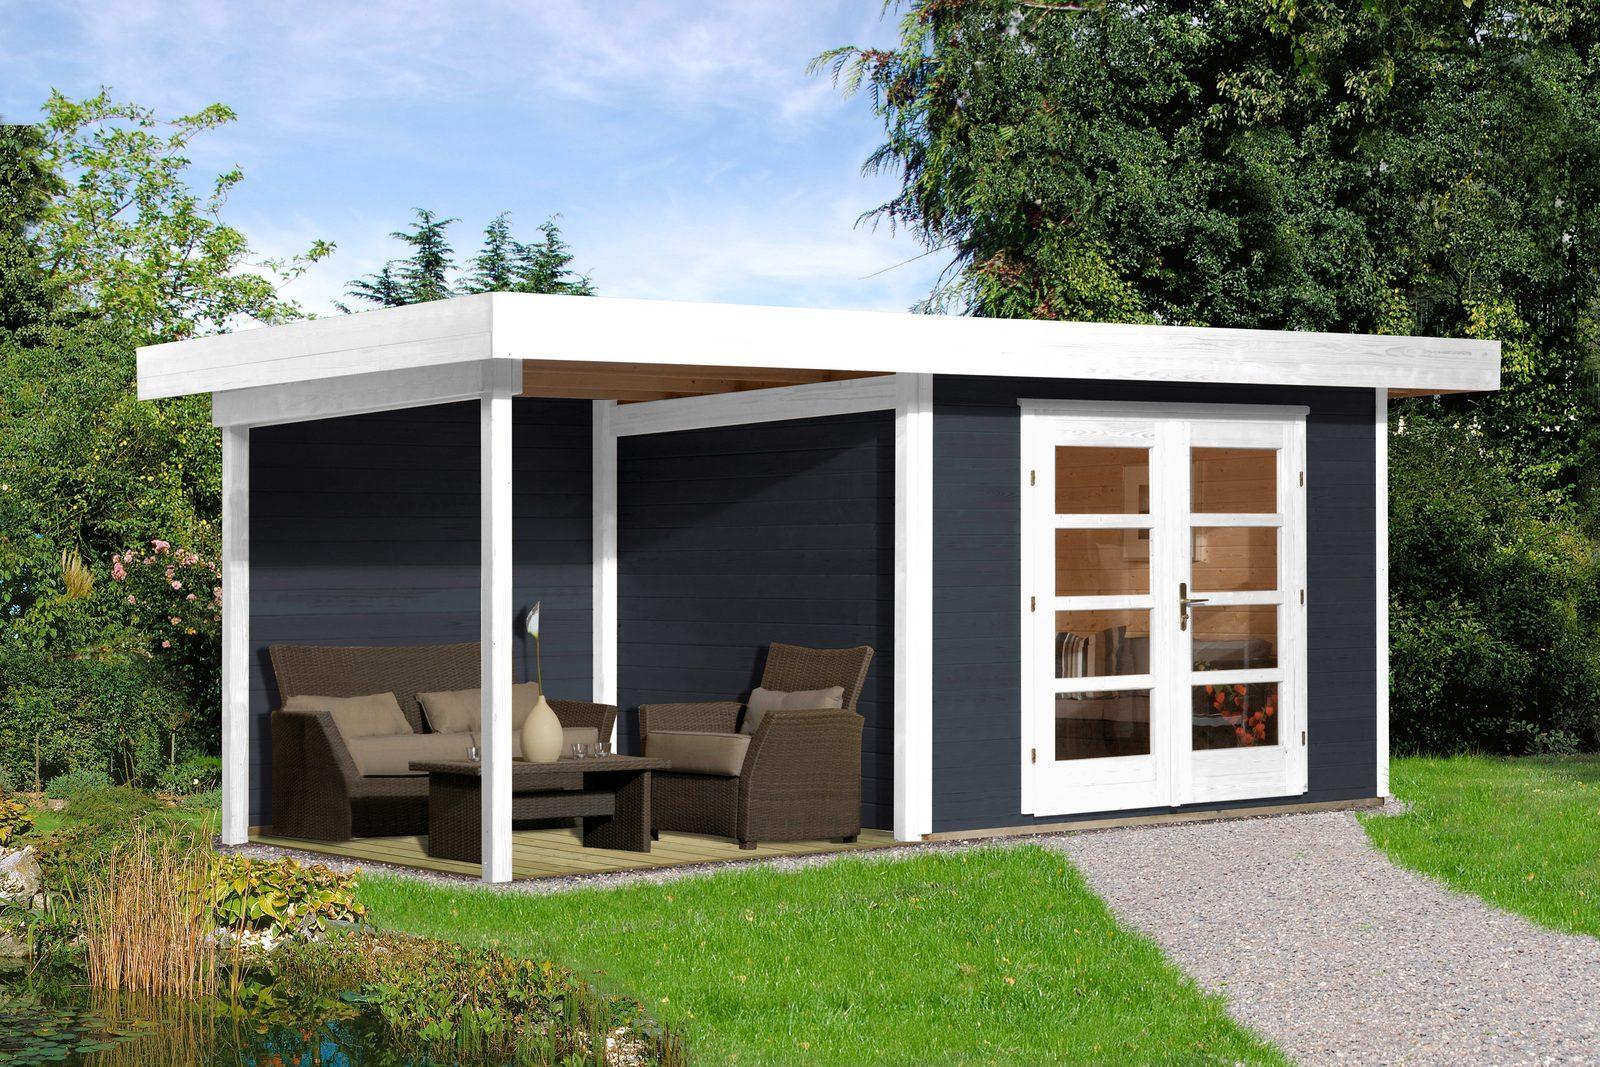 WEKA Gartenhaus »Chill-Out Gr. 1«, BxT: 530x210 cm, mit Anbau (235 cm breite) anthrazit/weiß - broschei